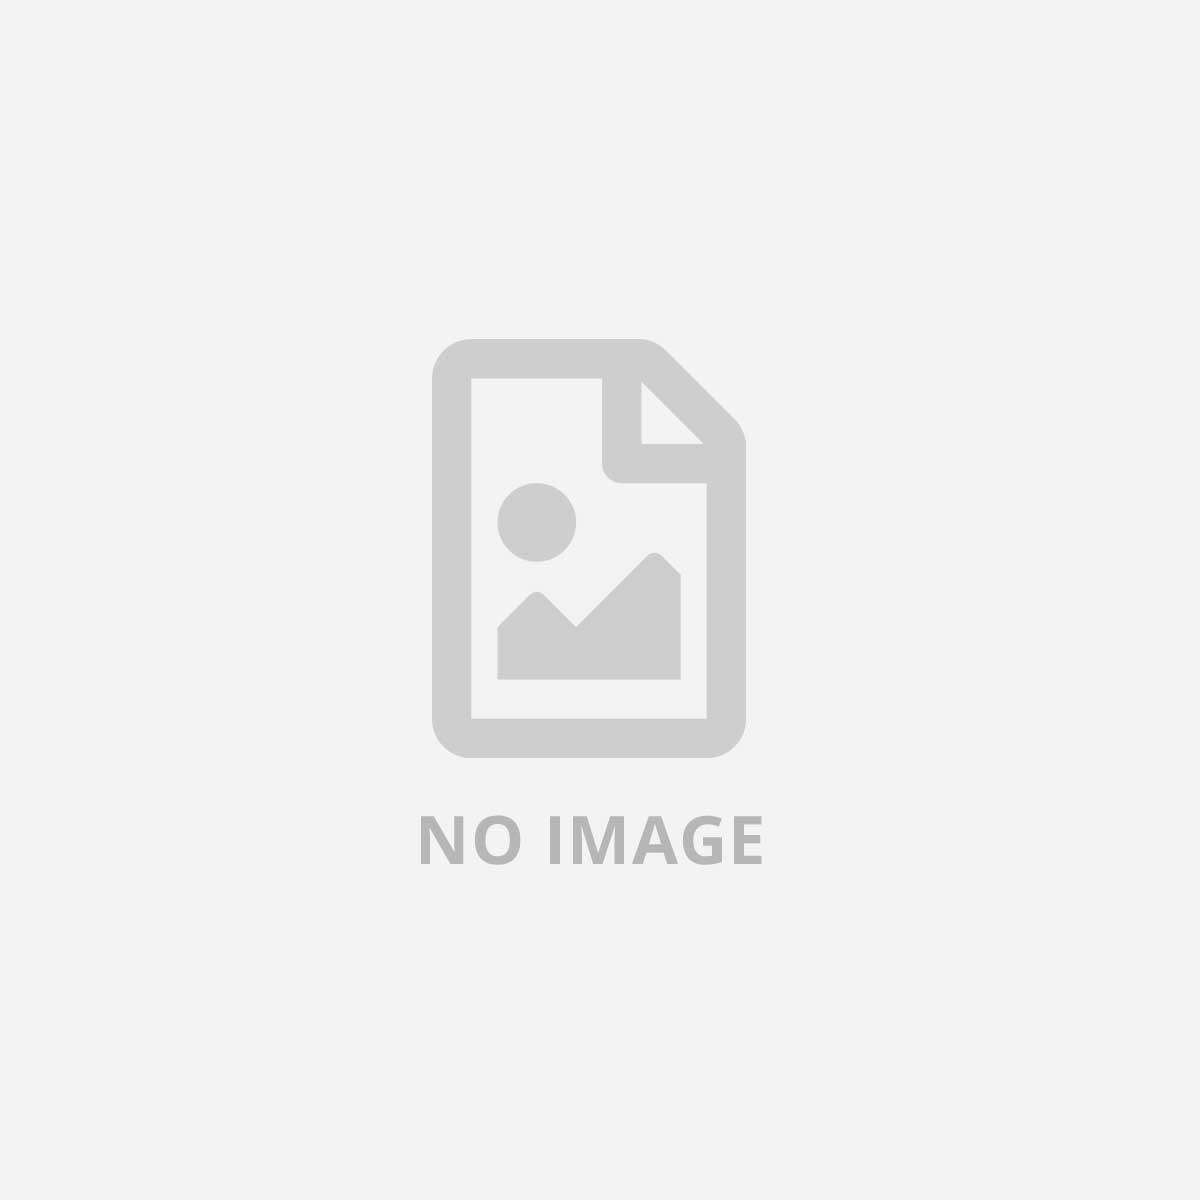 SA.BA.CART LOTTER GR80 610X50 AIMA 50